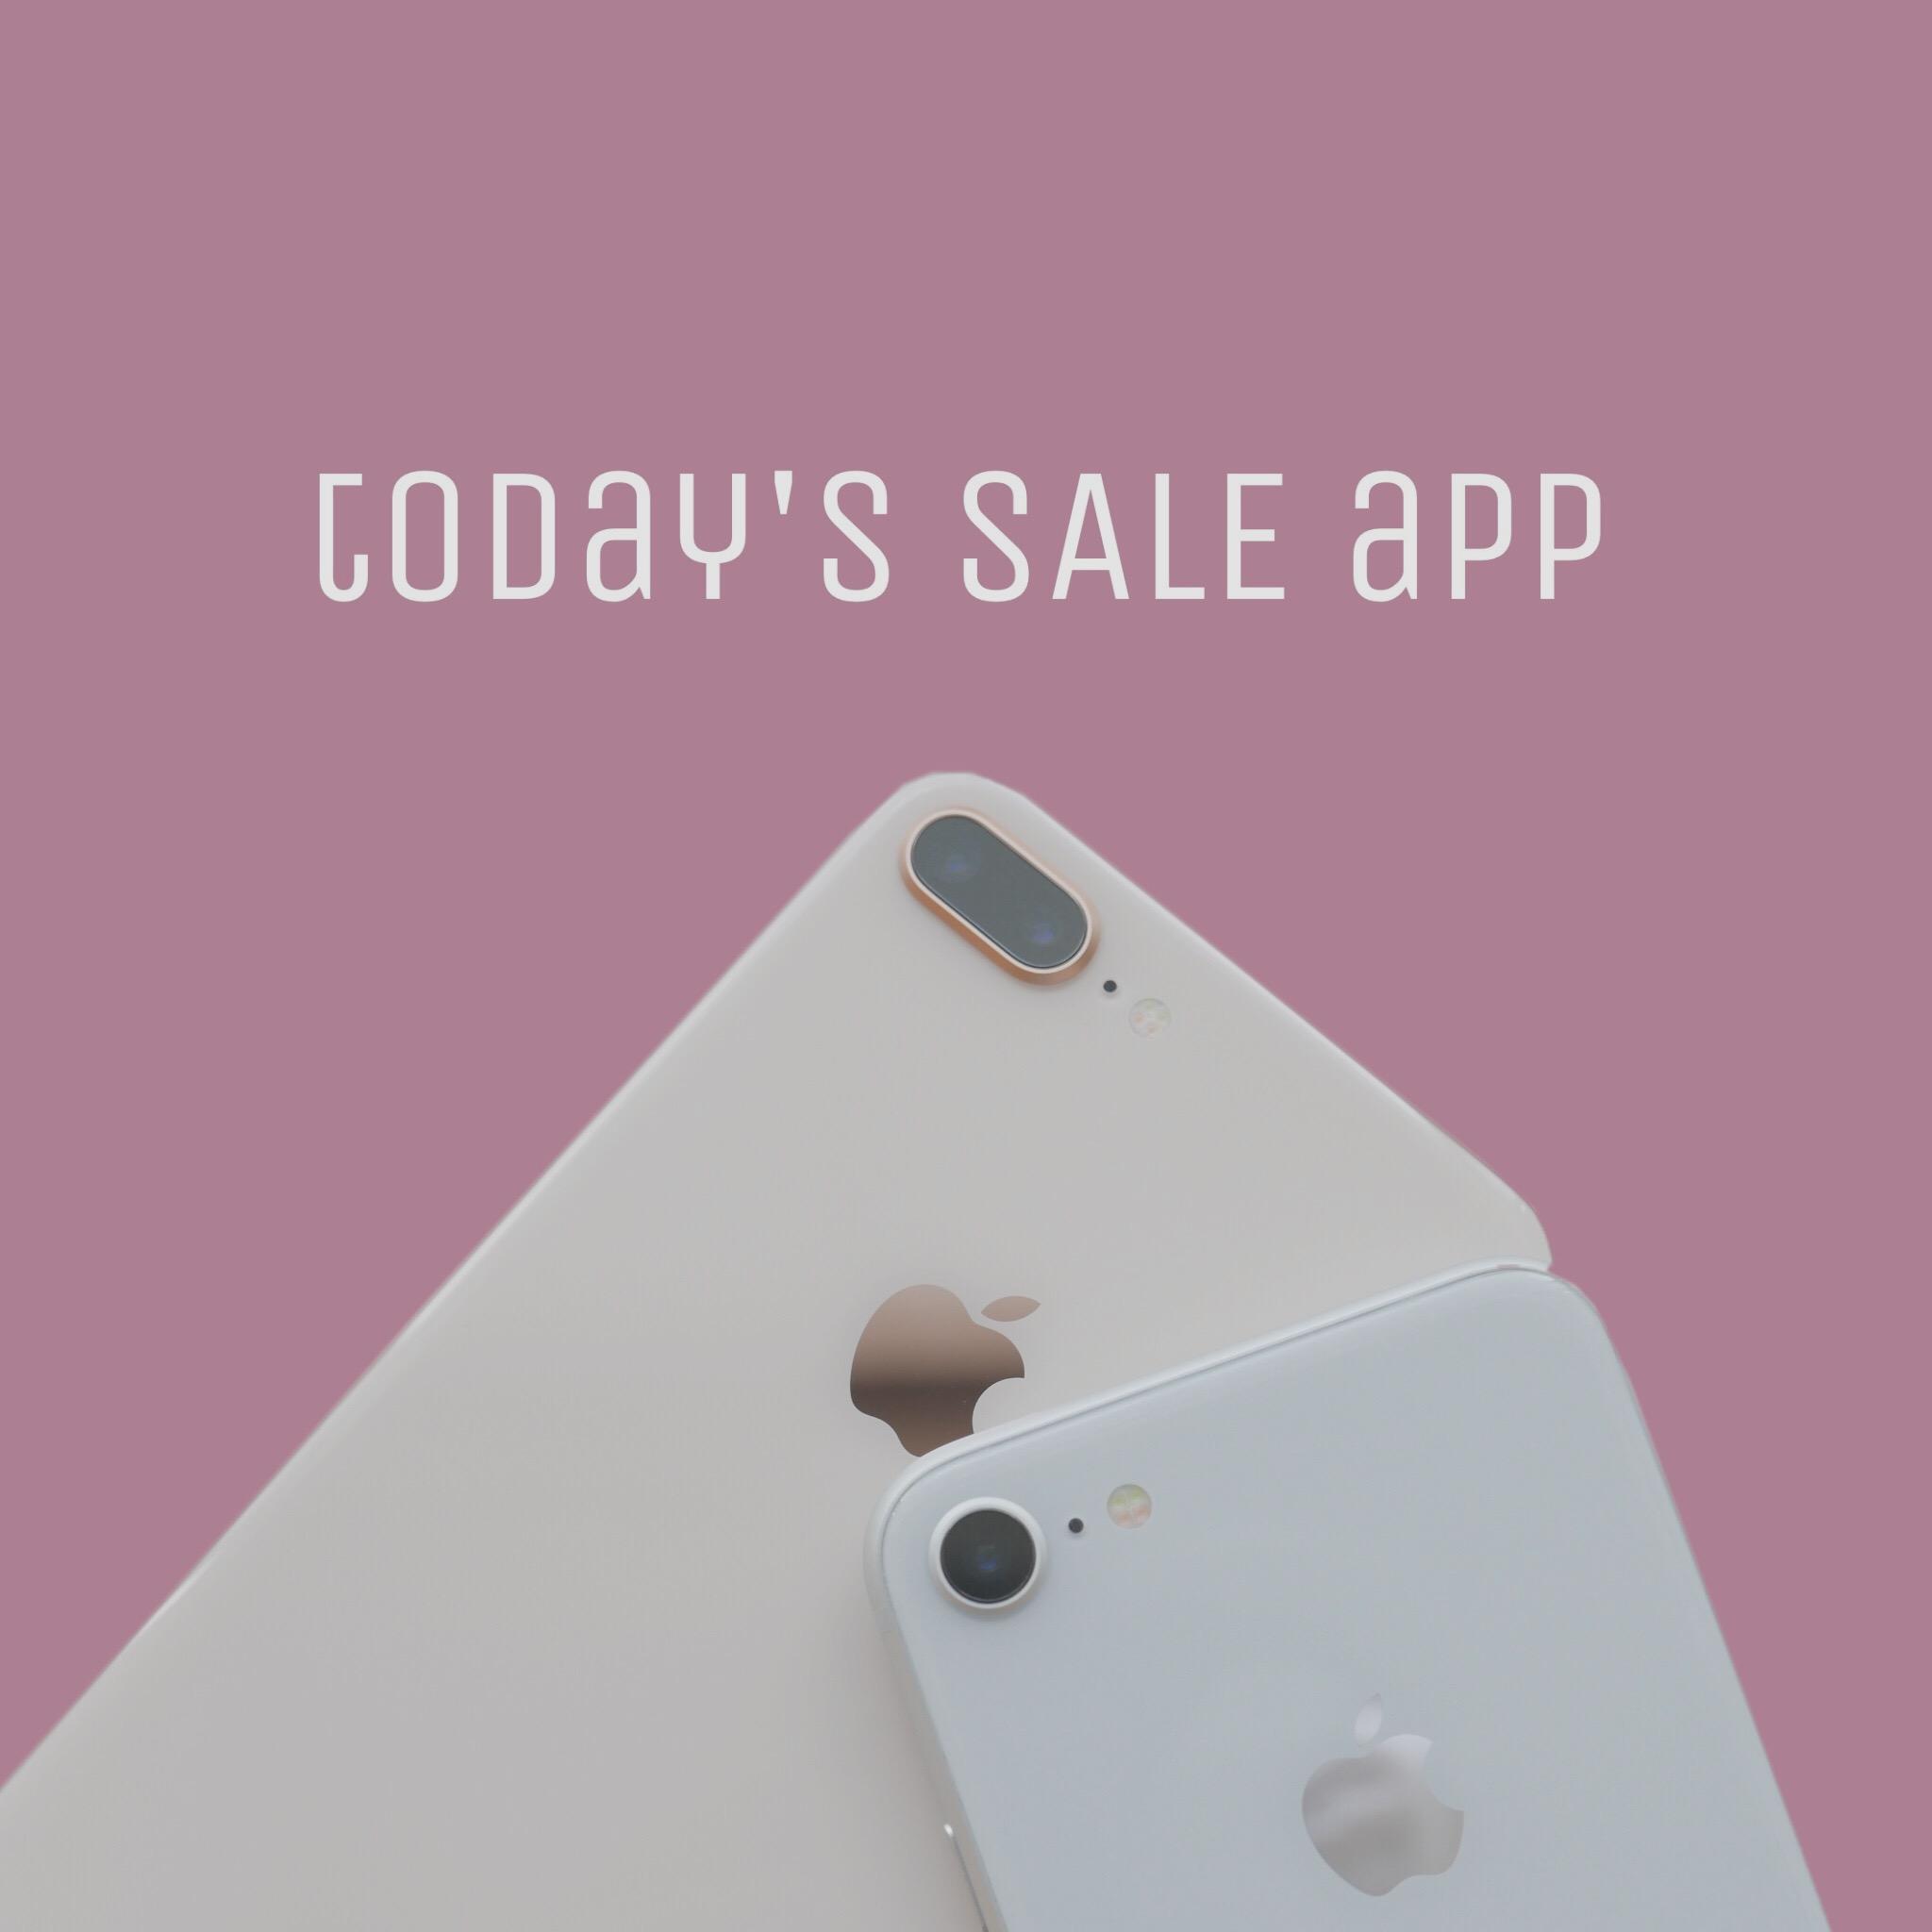 【今日の無料アプリ】360円→無料♪赤ちゃんの写真を素敵に彩るアプリ!「Baby Pics - フォトエディタ」他、2本を紹介!